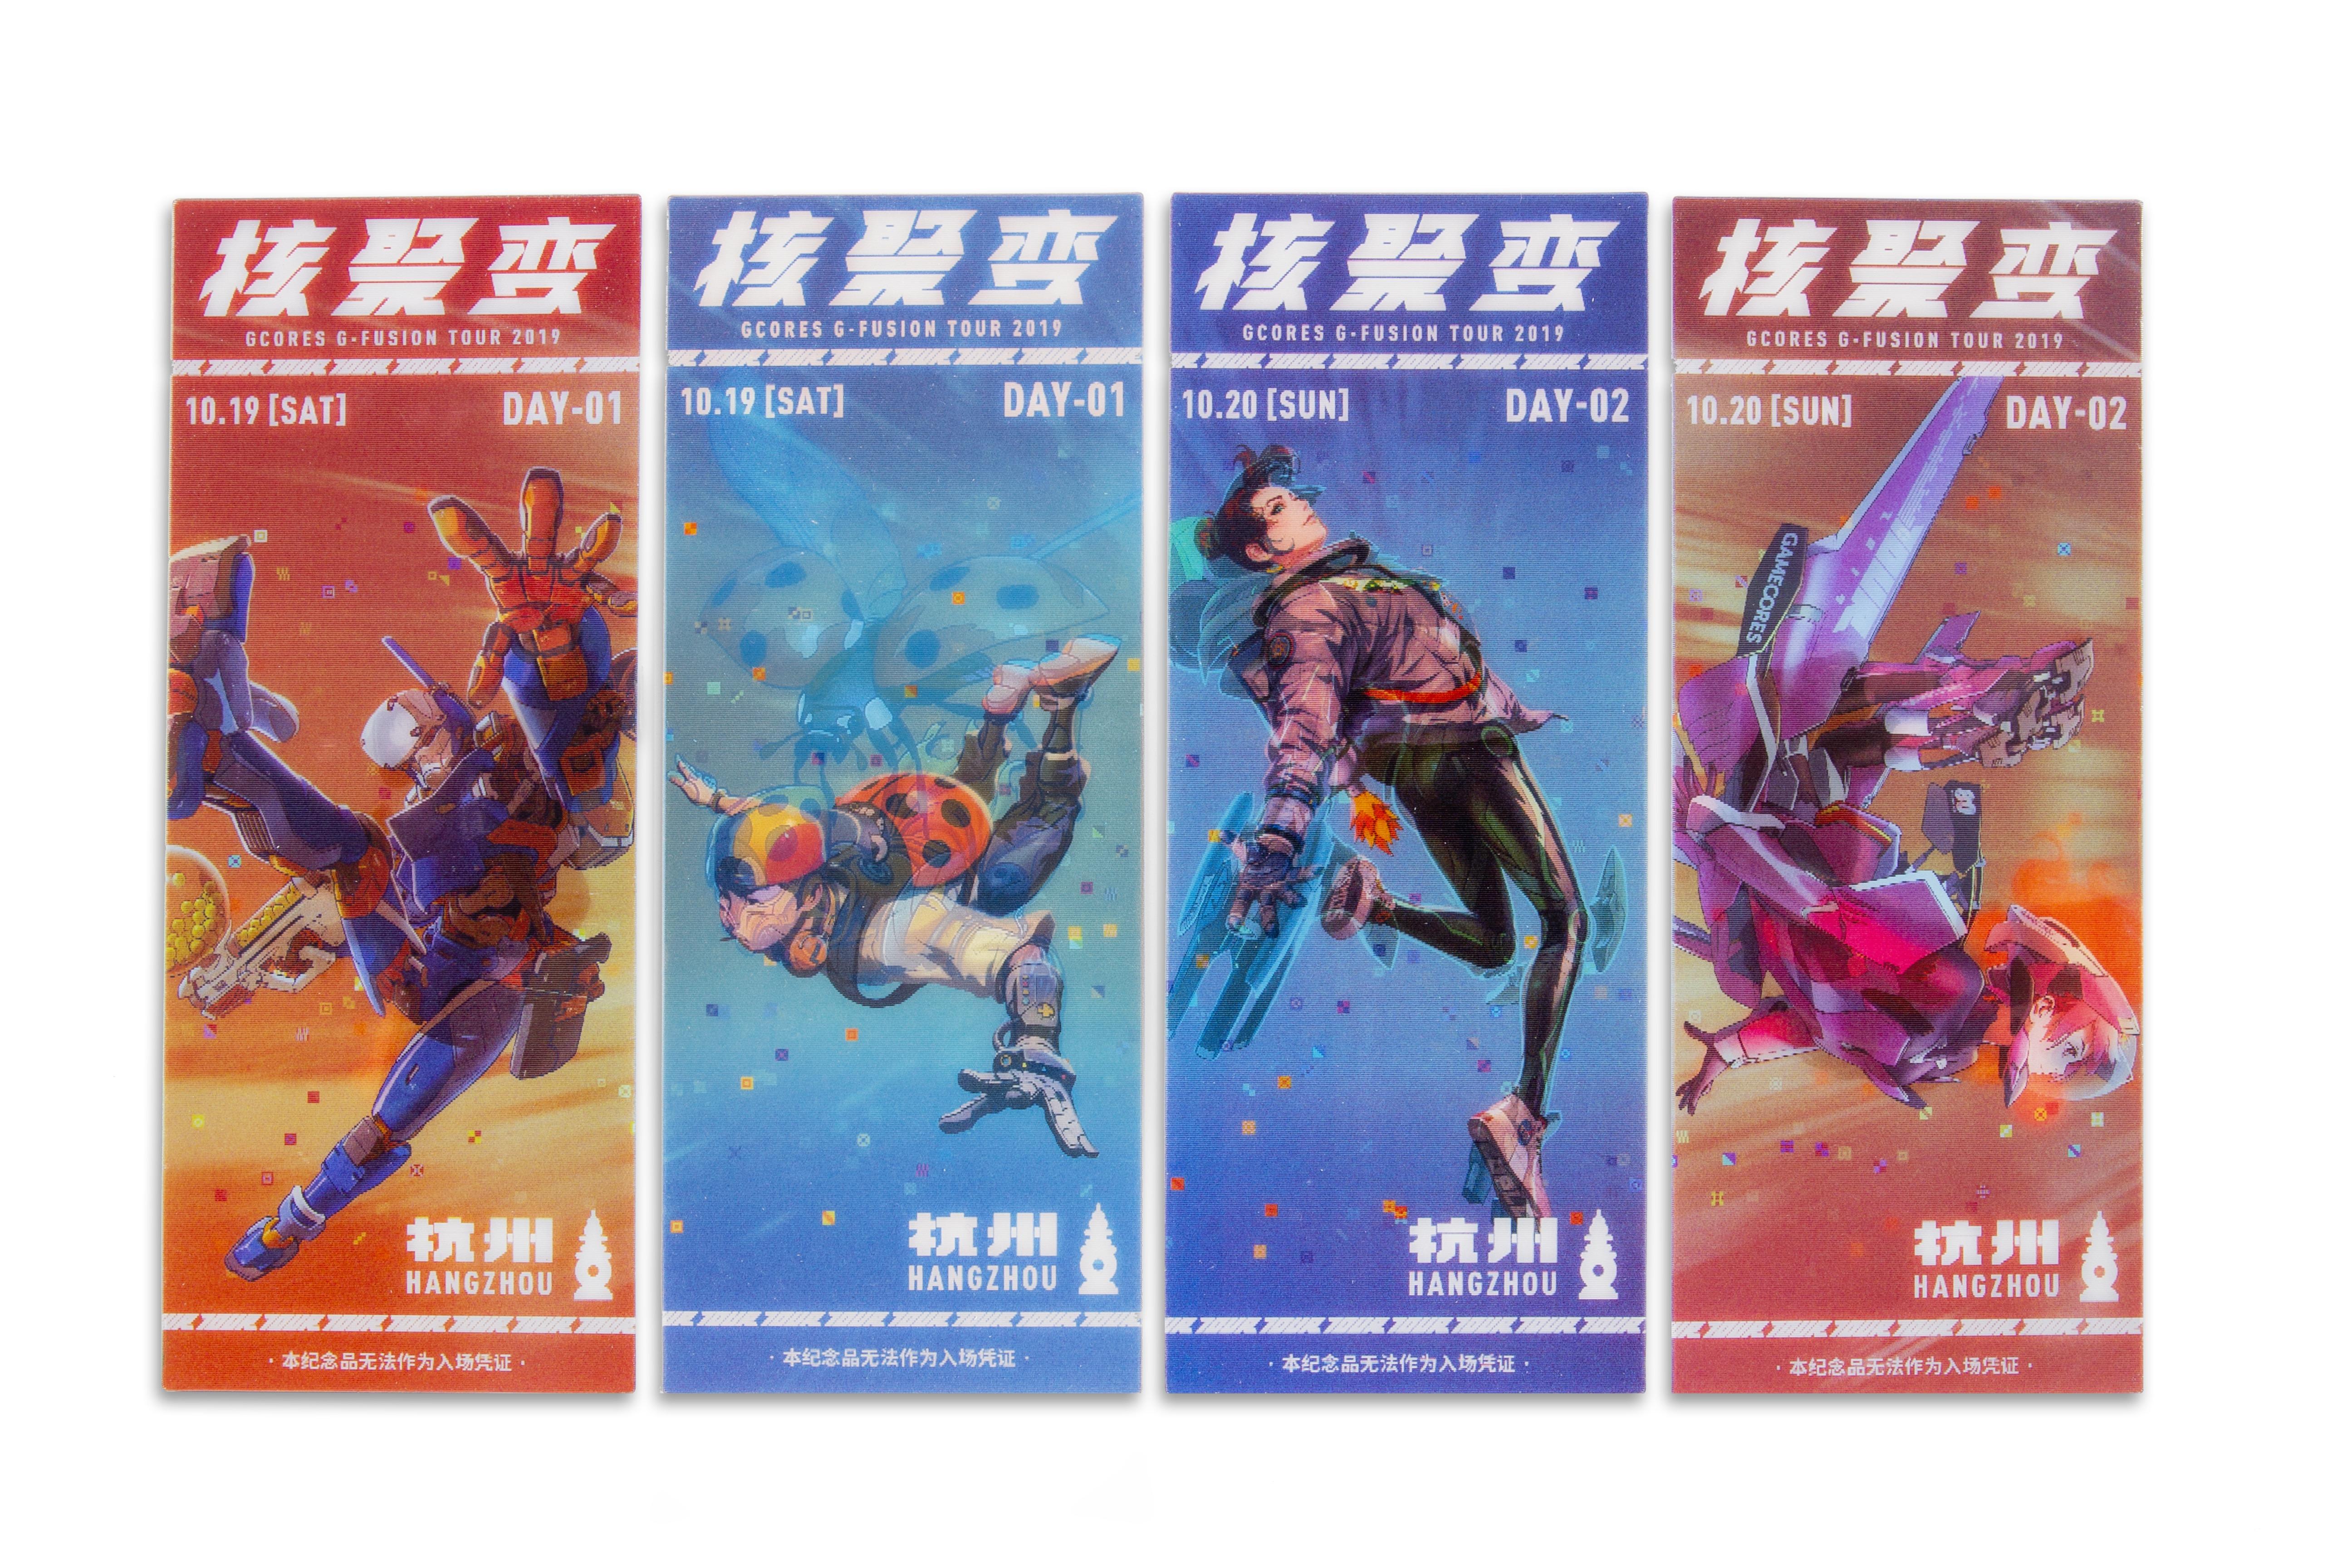 【通知】核聚變Tour杭州實體早鳥票會在14日零點停售,之後可繼續購買電子票